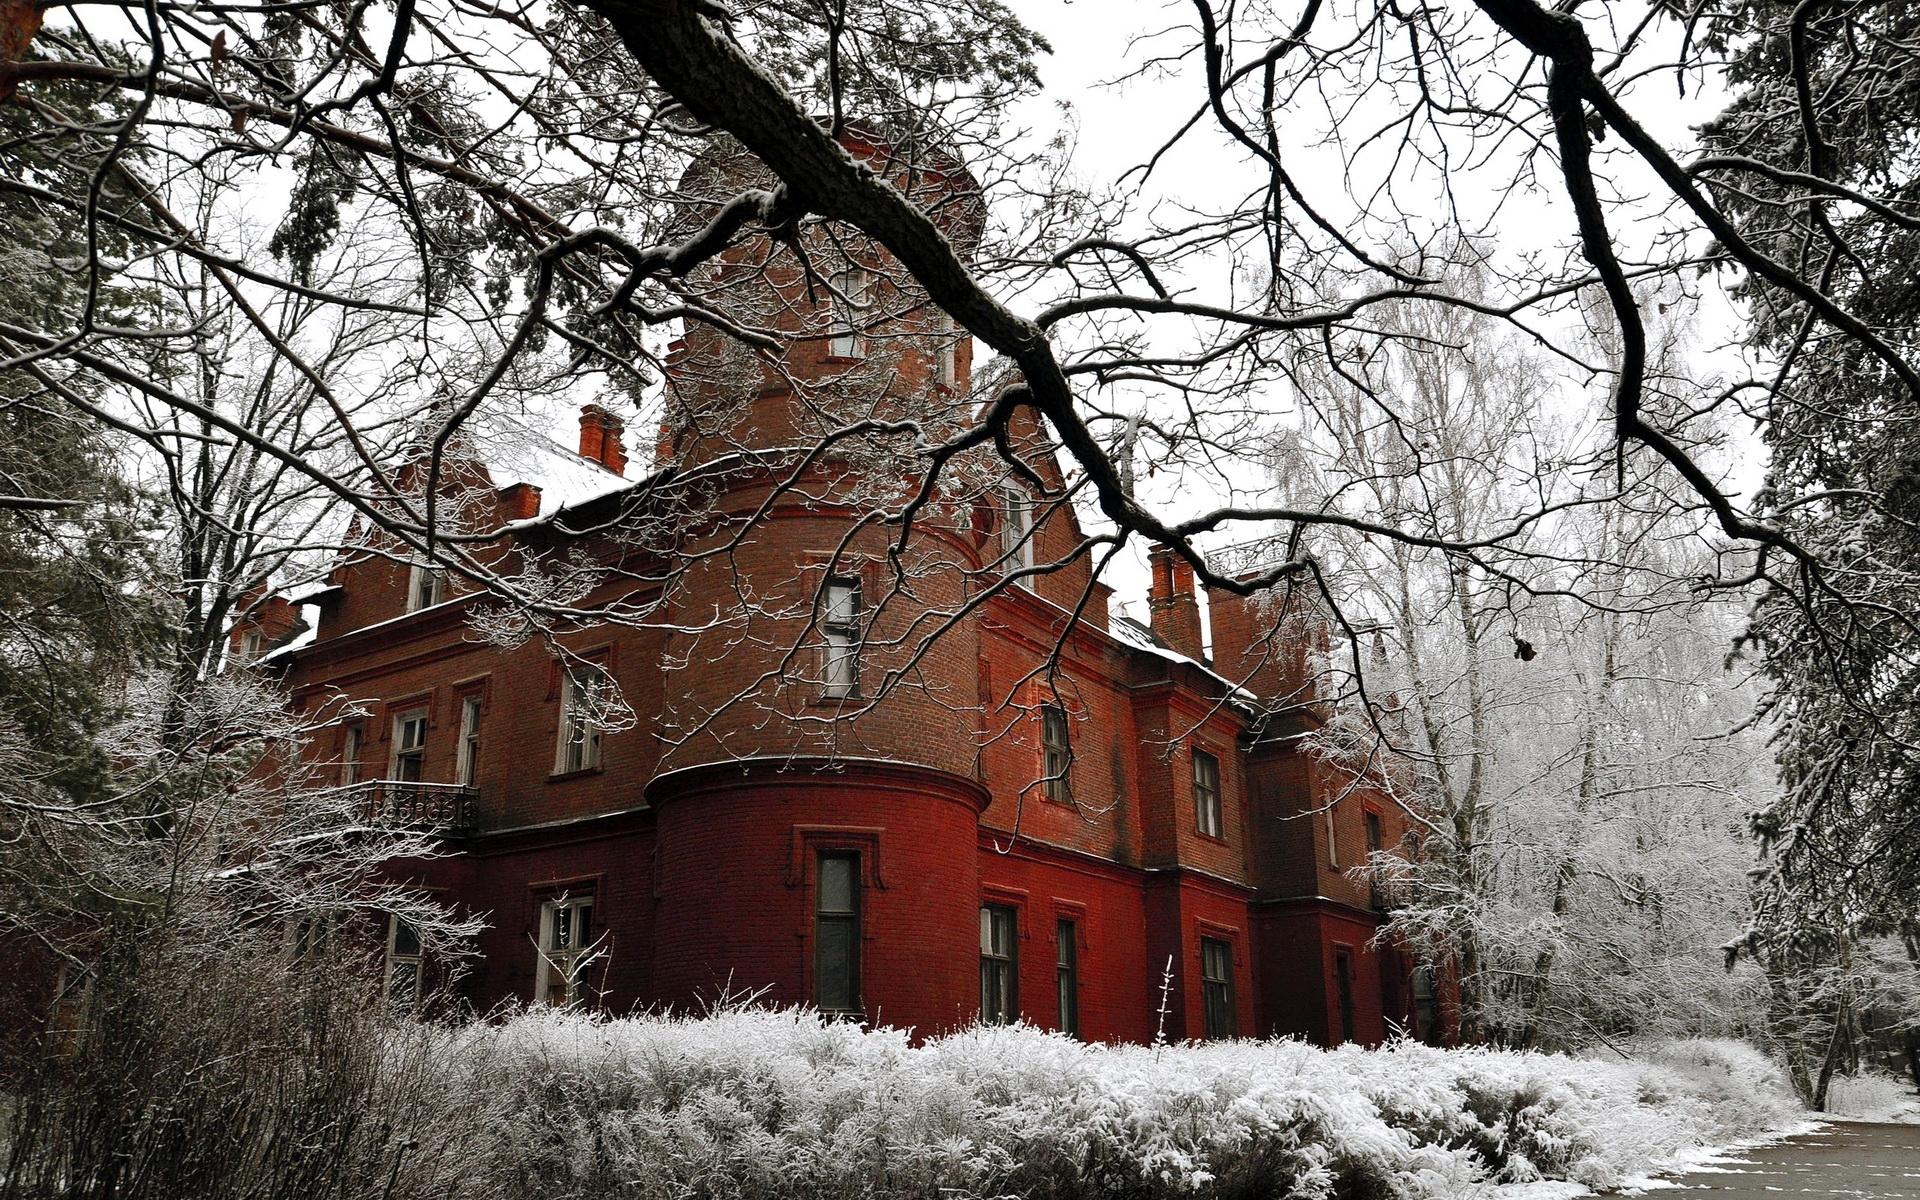 Картинки замок, структура, камень, ветка, дерево, снег, иней, кусты фото и обои на рабочий стол